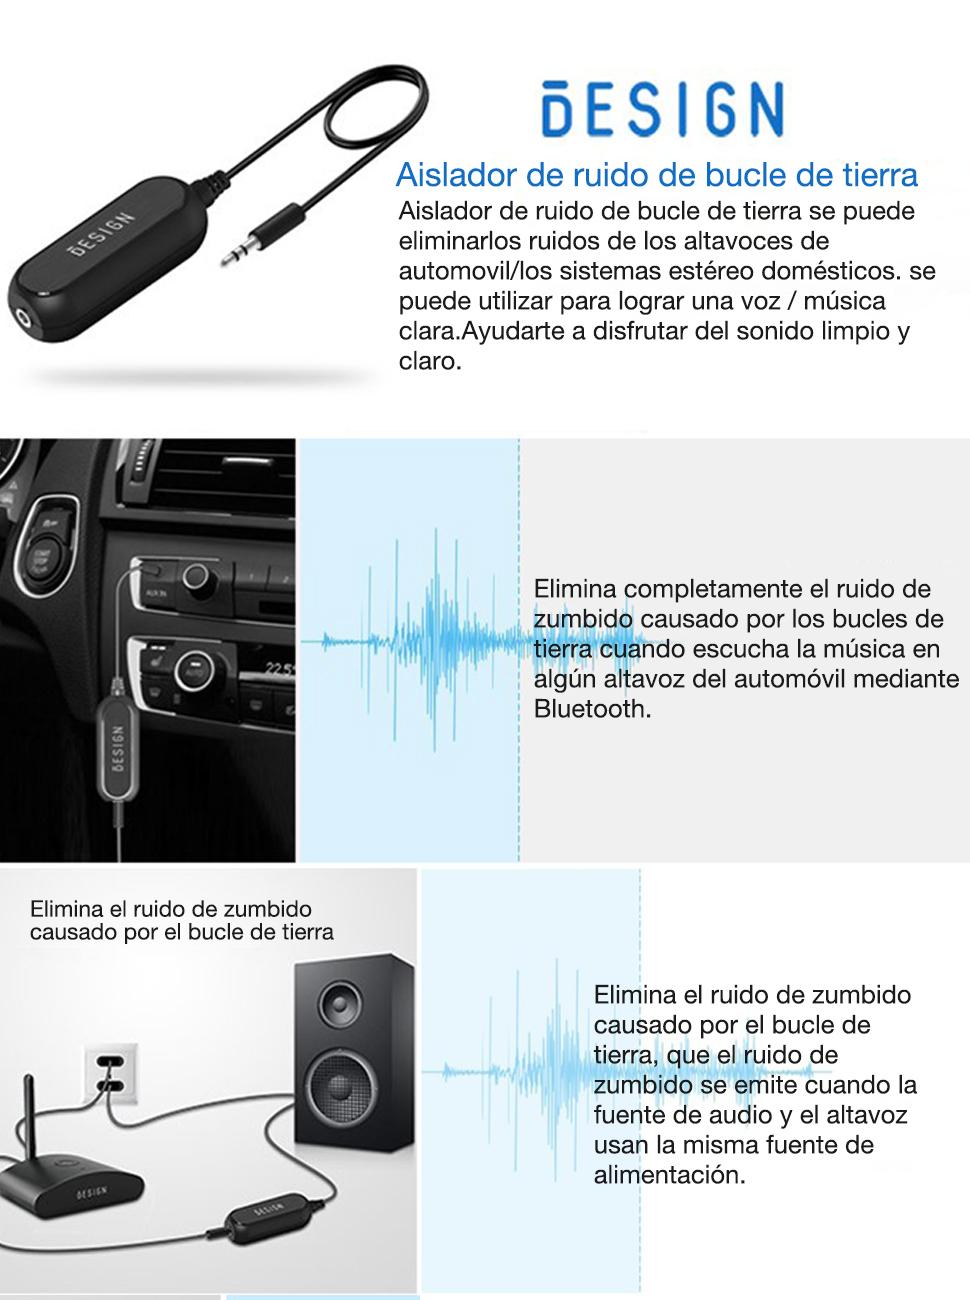 Besign Aislador para el Ruido de Circuito Puesto a Tierra para el Sistema de Audio de Coche//Altavoz de casa con el Cable de Audio de 3,5mm